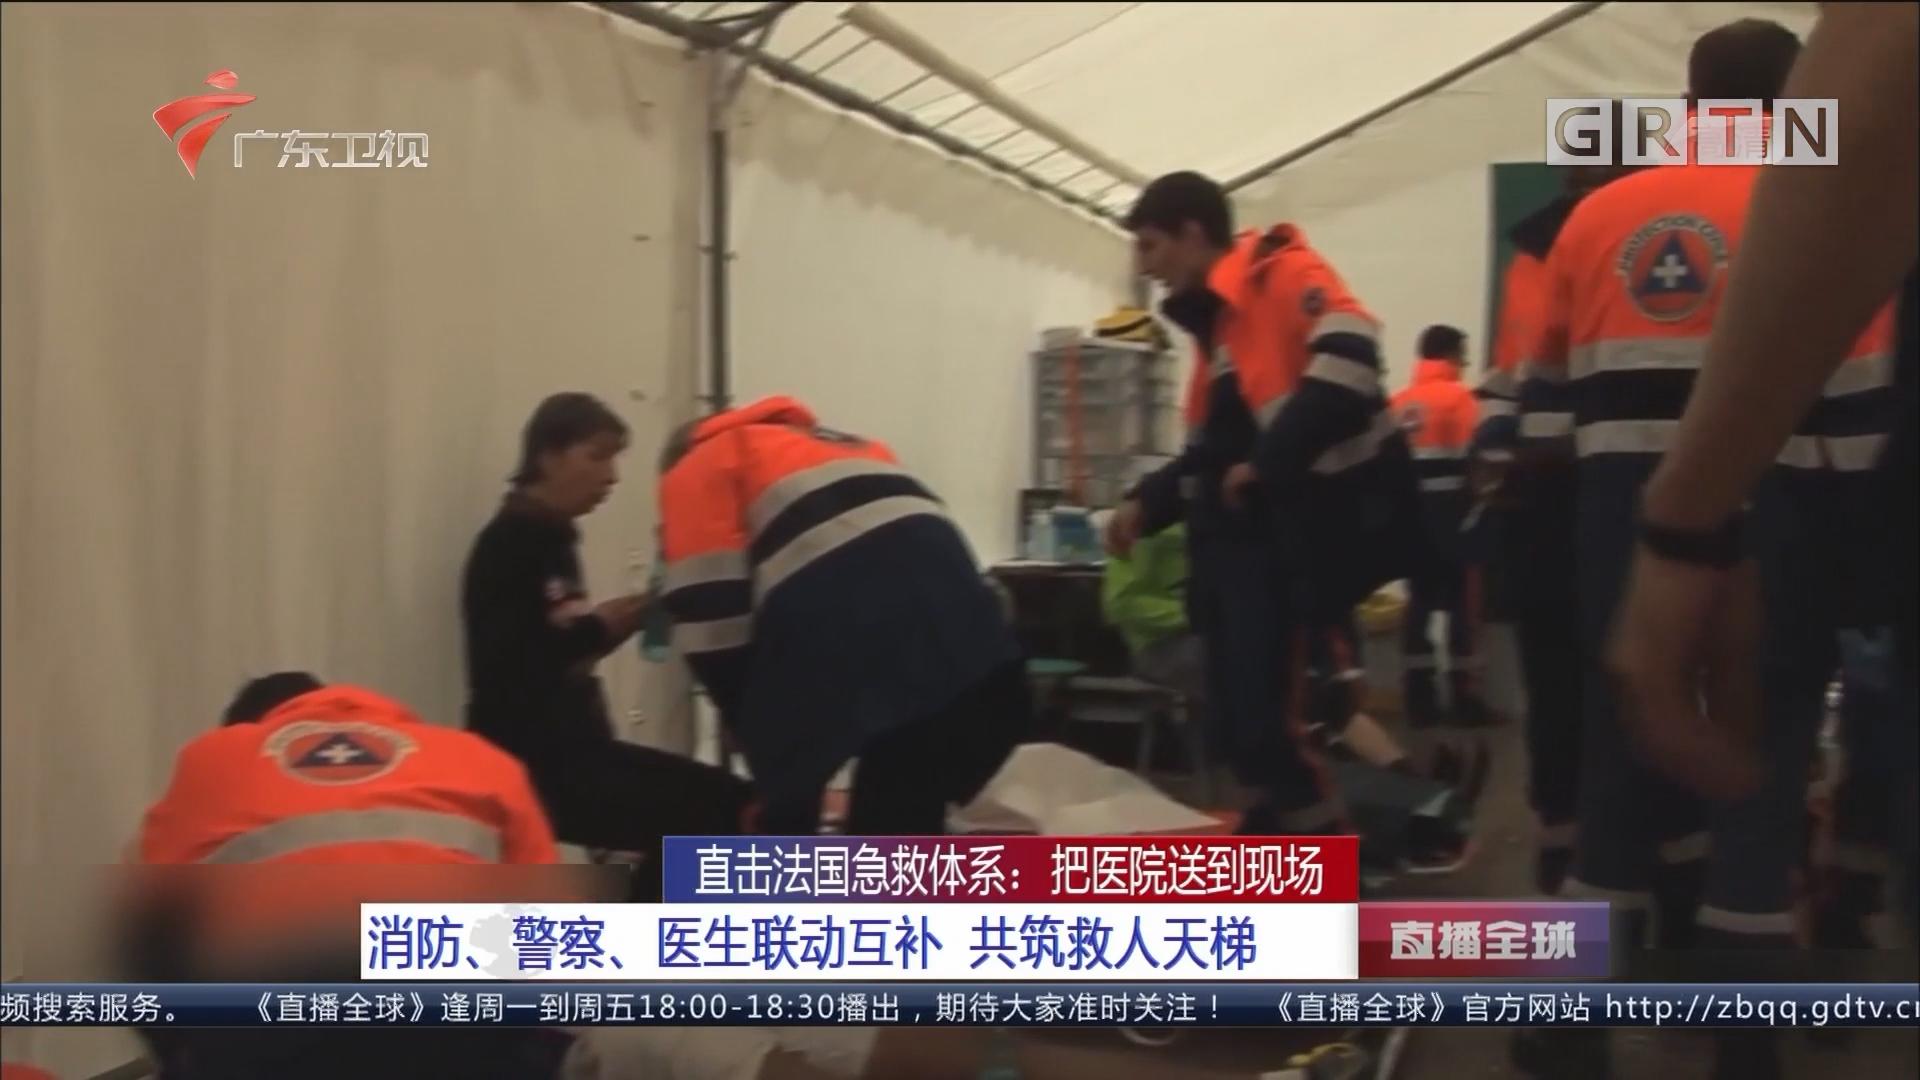 直击法国急救体系:把医院送到现场 消防、警察、医生联动互补 共筑救人天梯